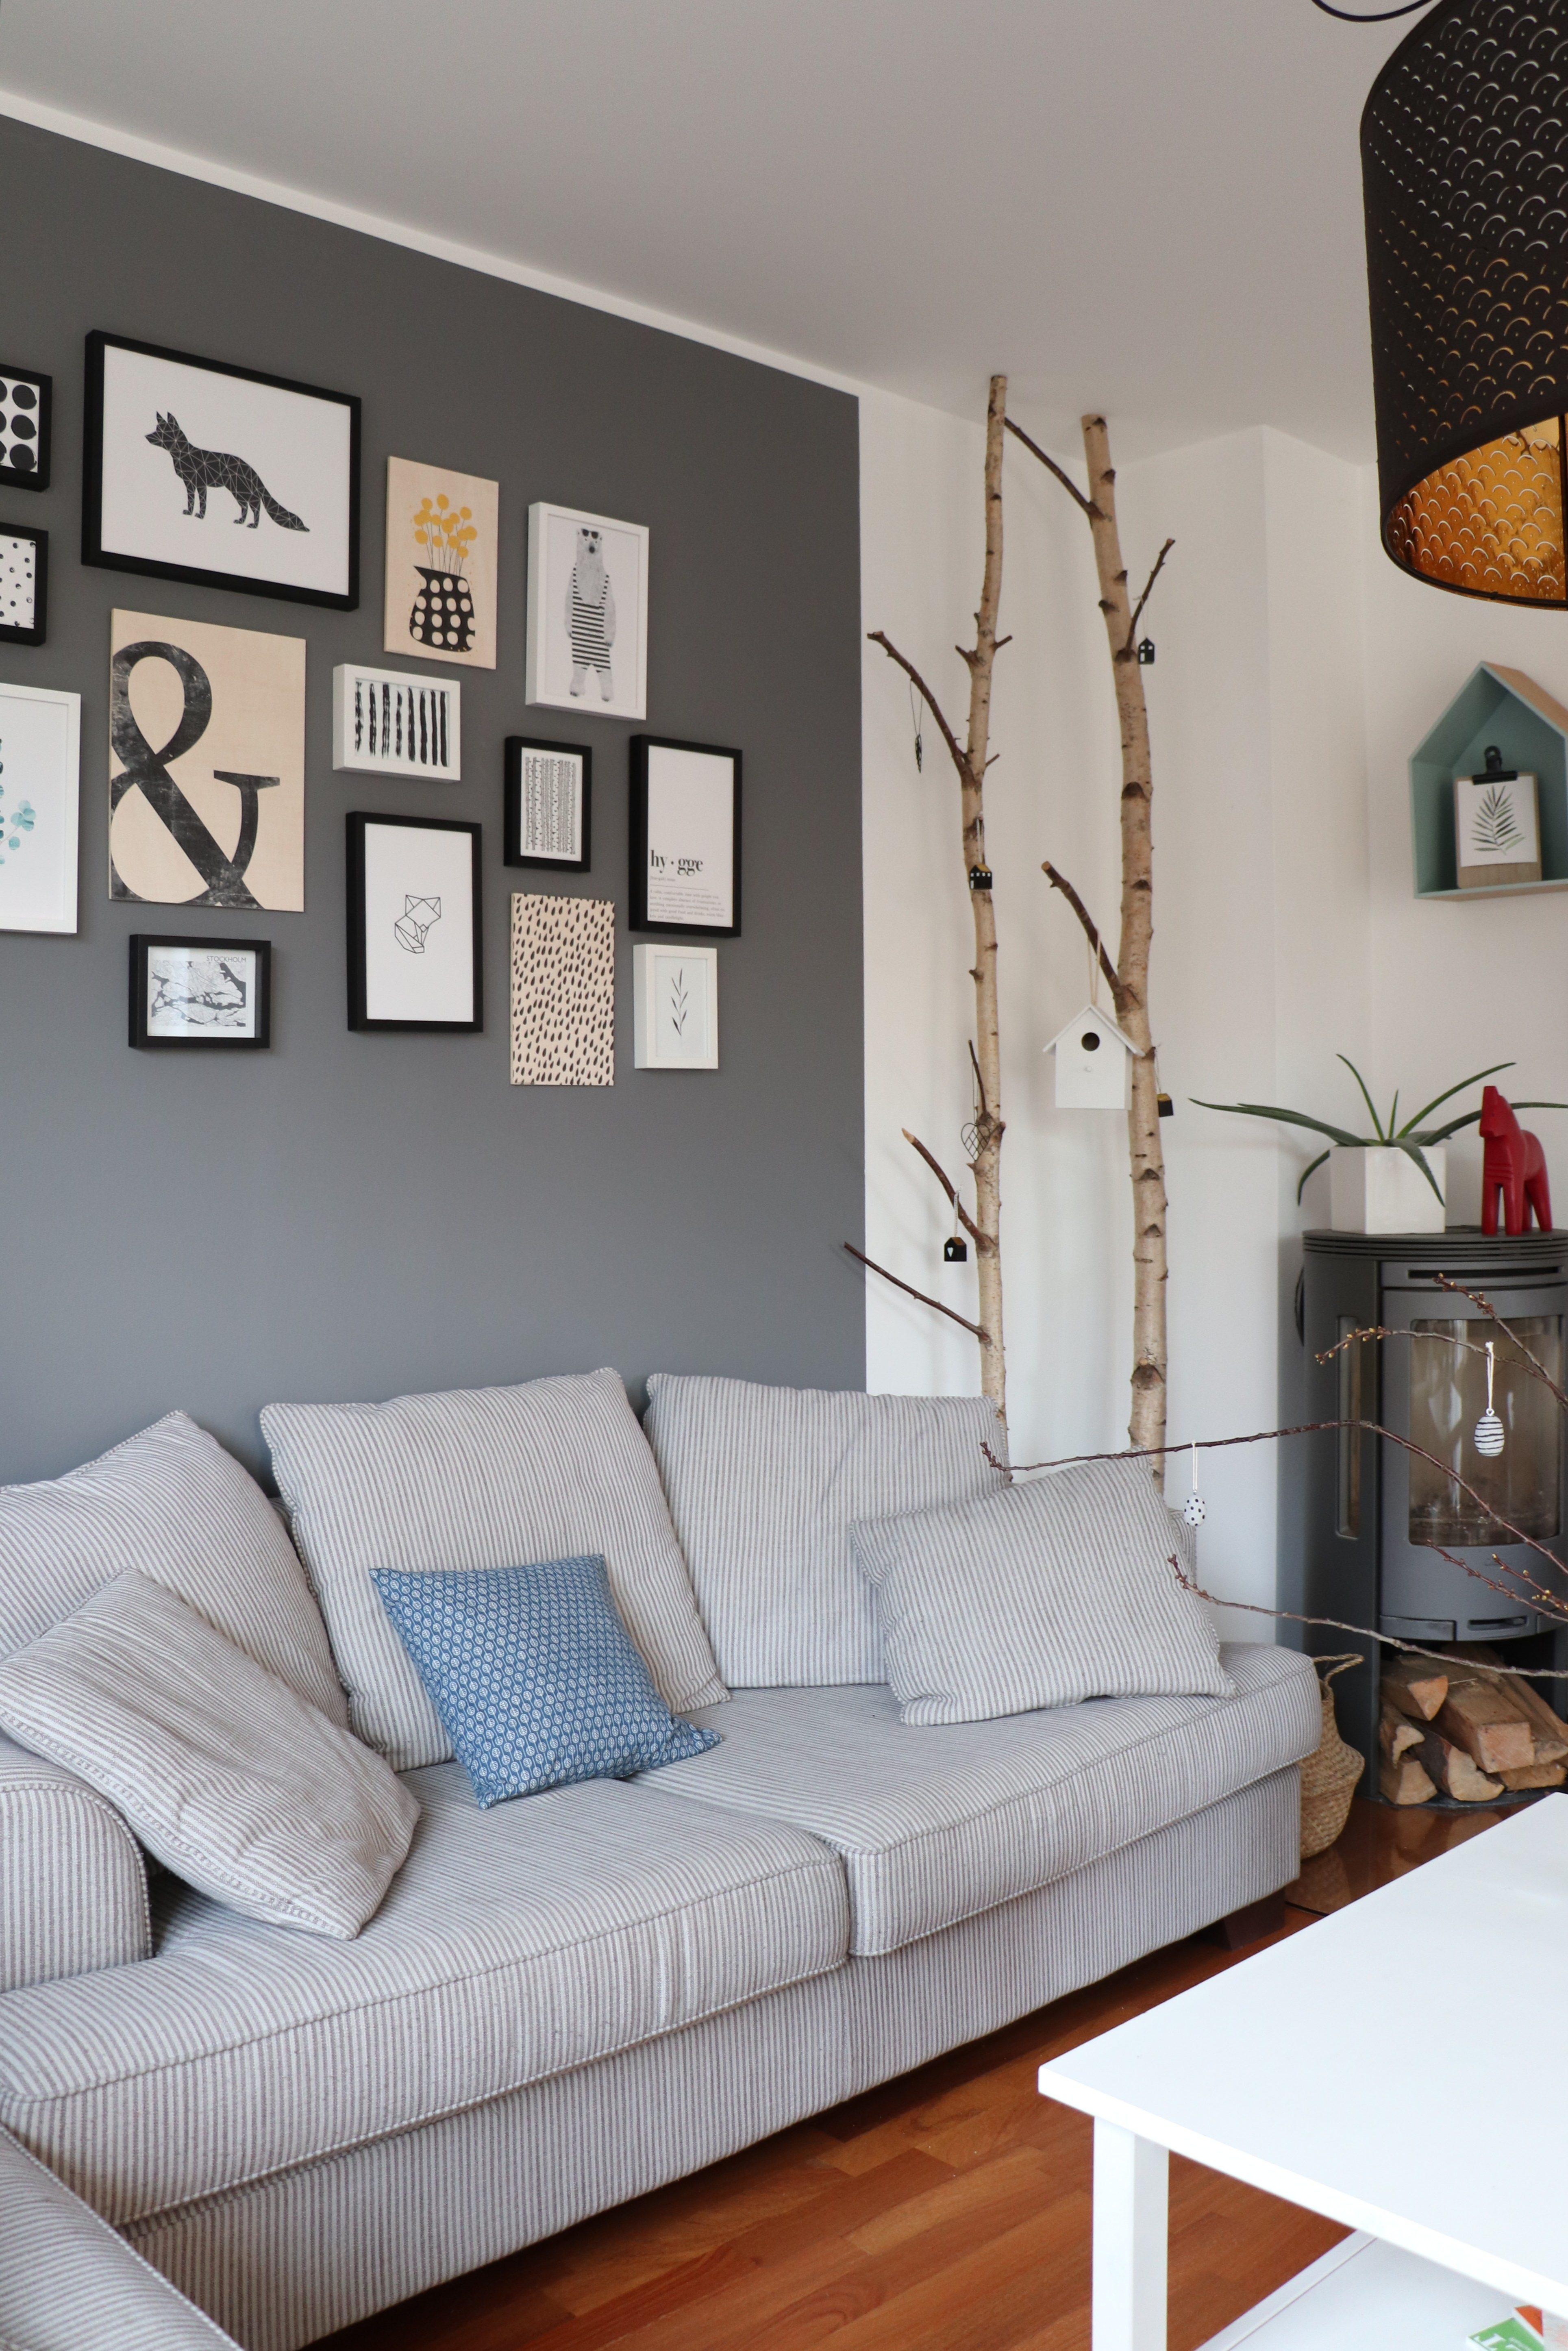 Bilderwand Wohnzimmer bilderwand ideen wohnzimmer - lavendelblog